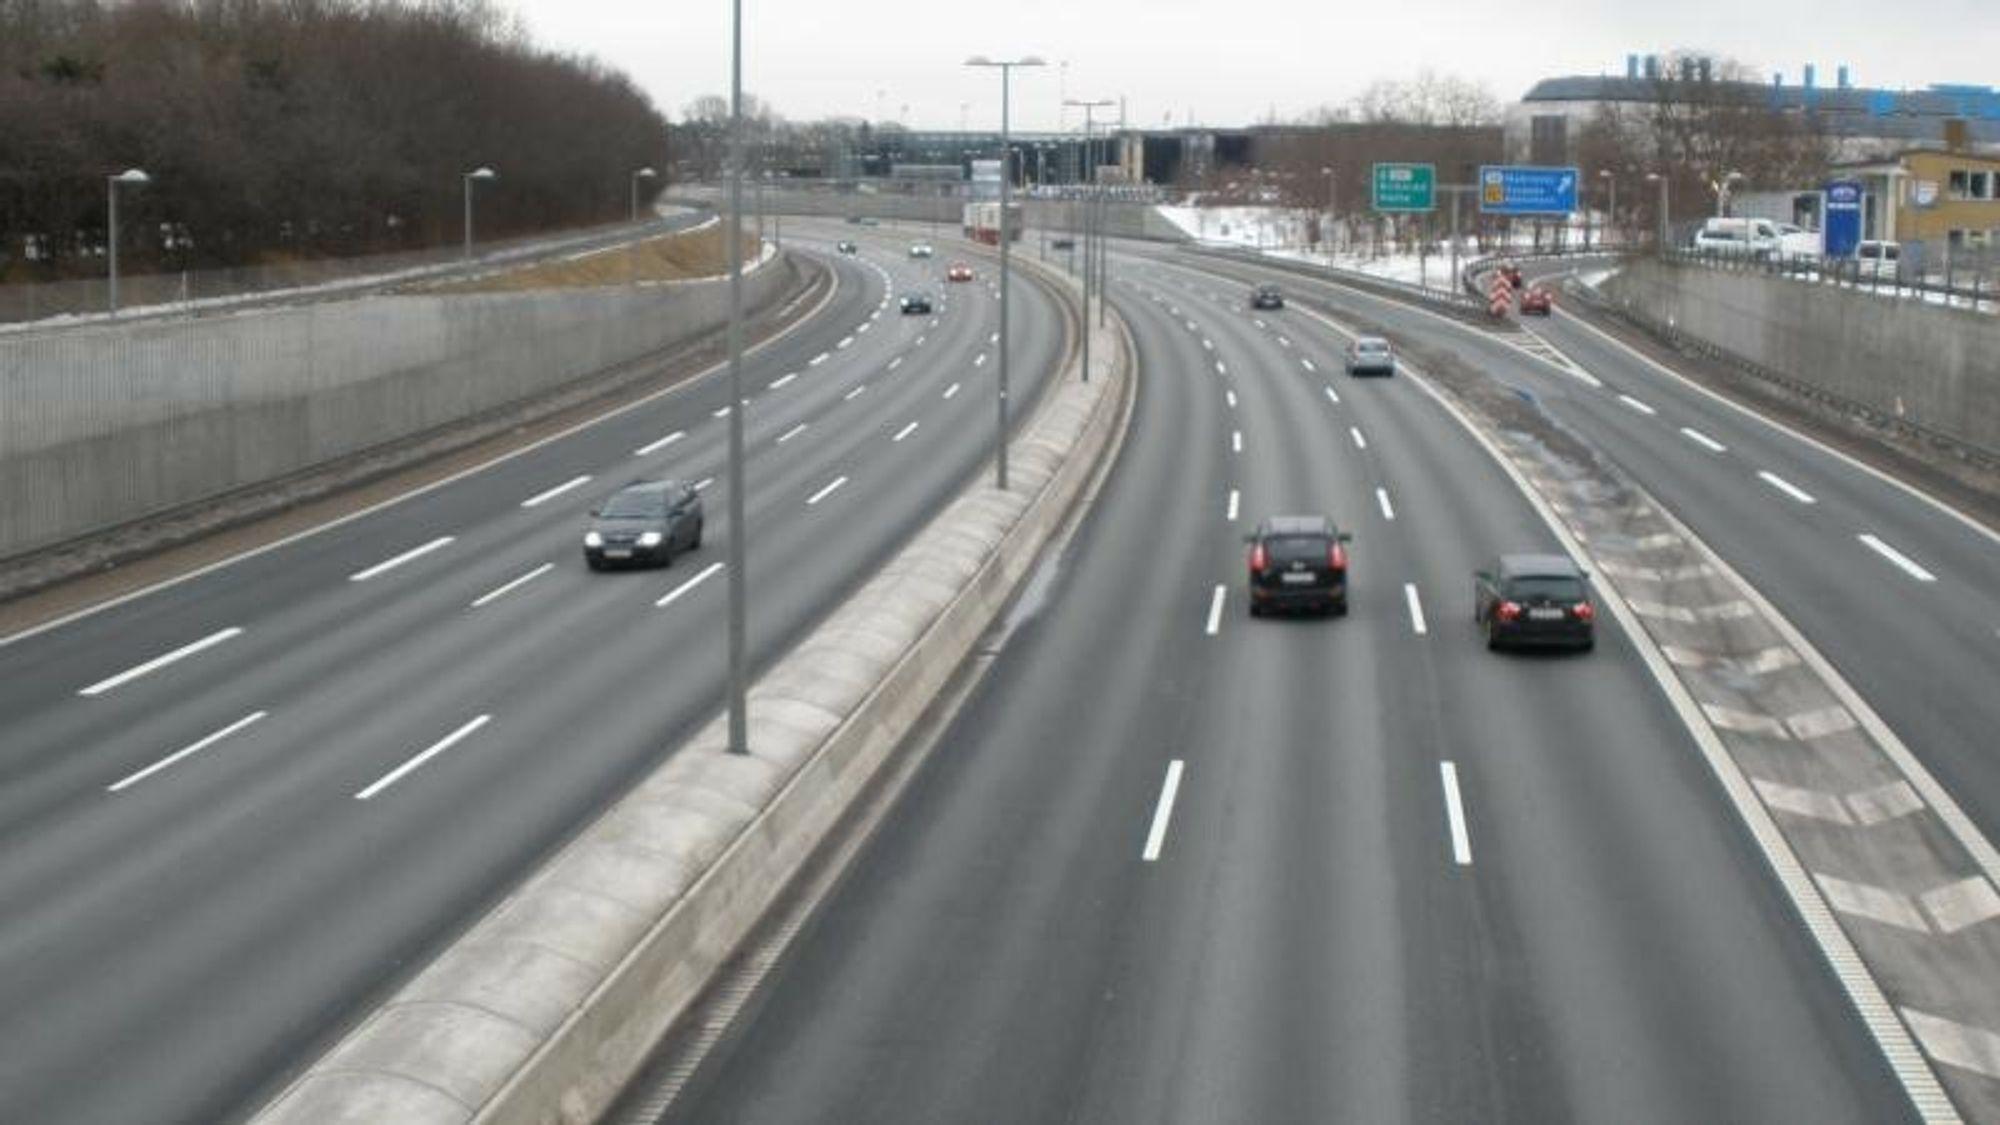 Mandag  ble deler av en dekkplate fra denne type autovern kastet ut i motsatt kjørefelt da en lastebil traff autovernet på Motorring 3 i Danmark. Det kostet en 33 år gammel kvinne livet.